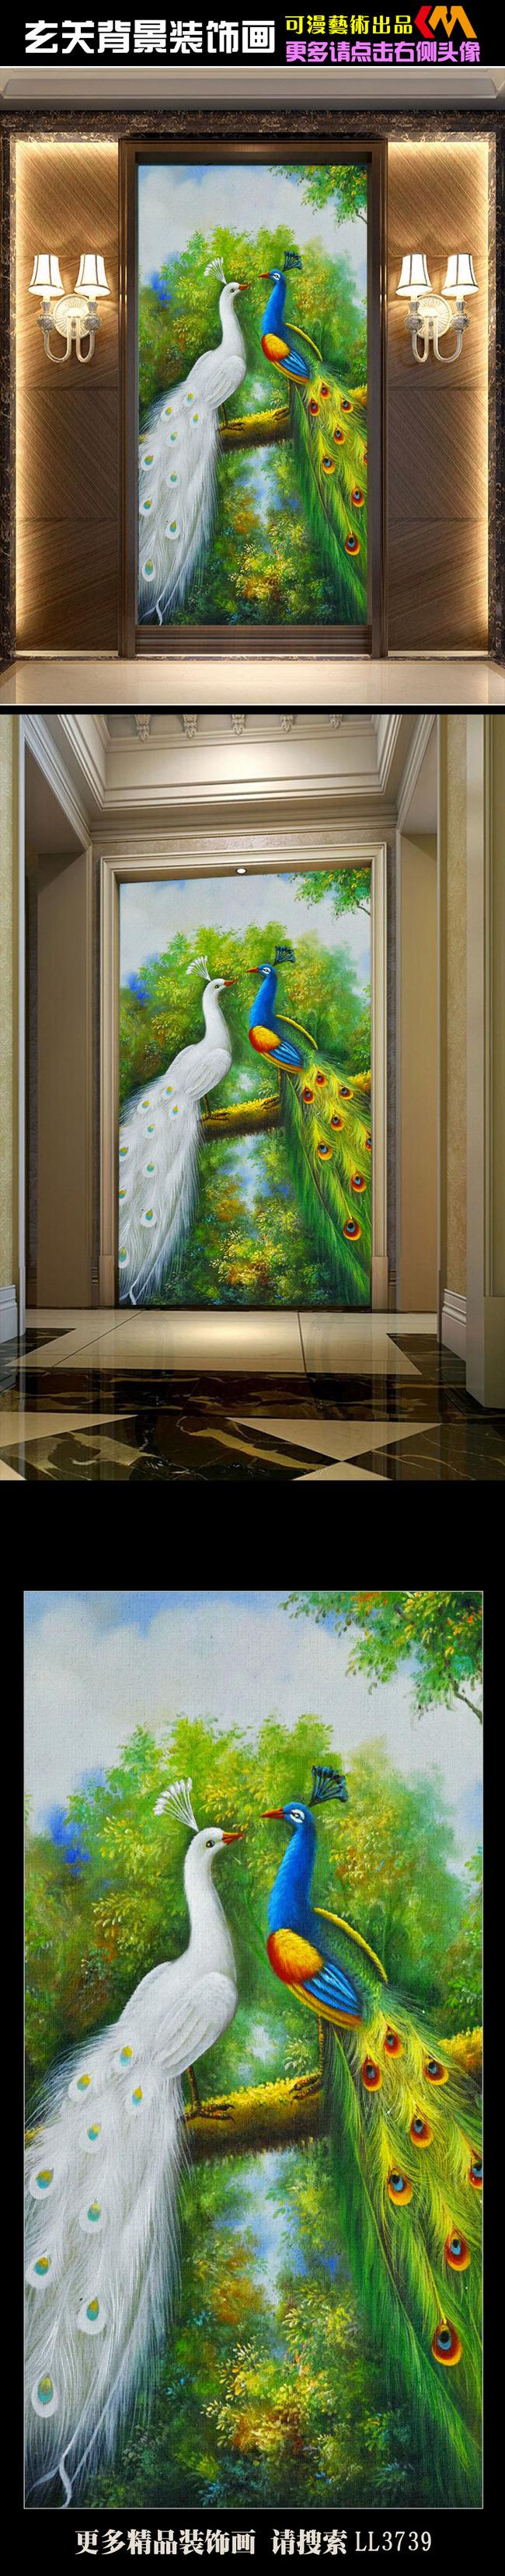 孔雀玄关手绘油画背景装饰画